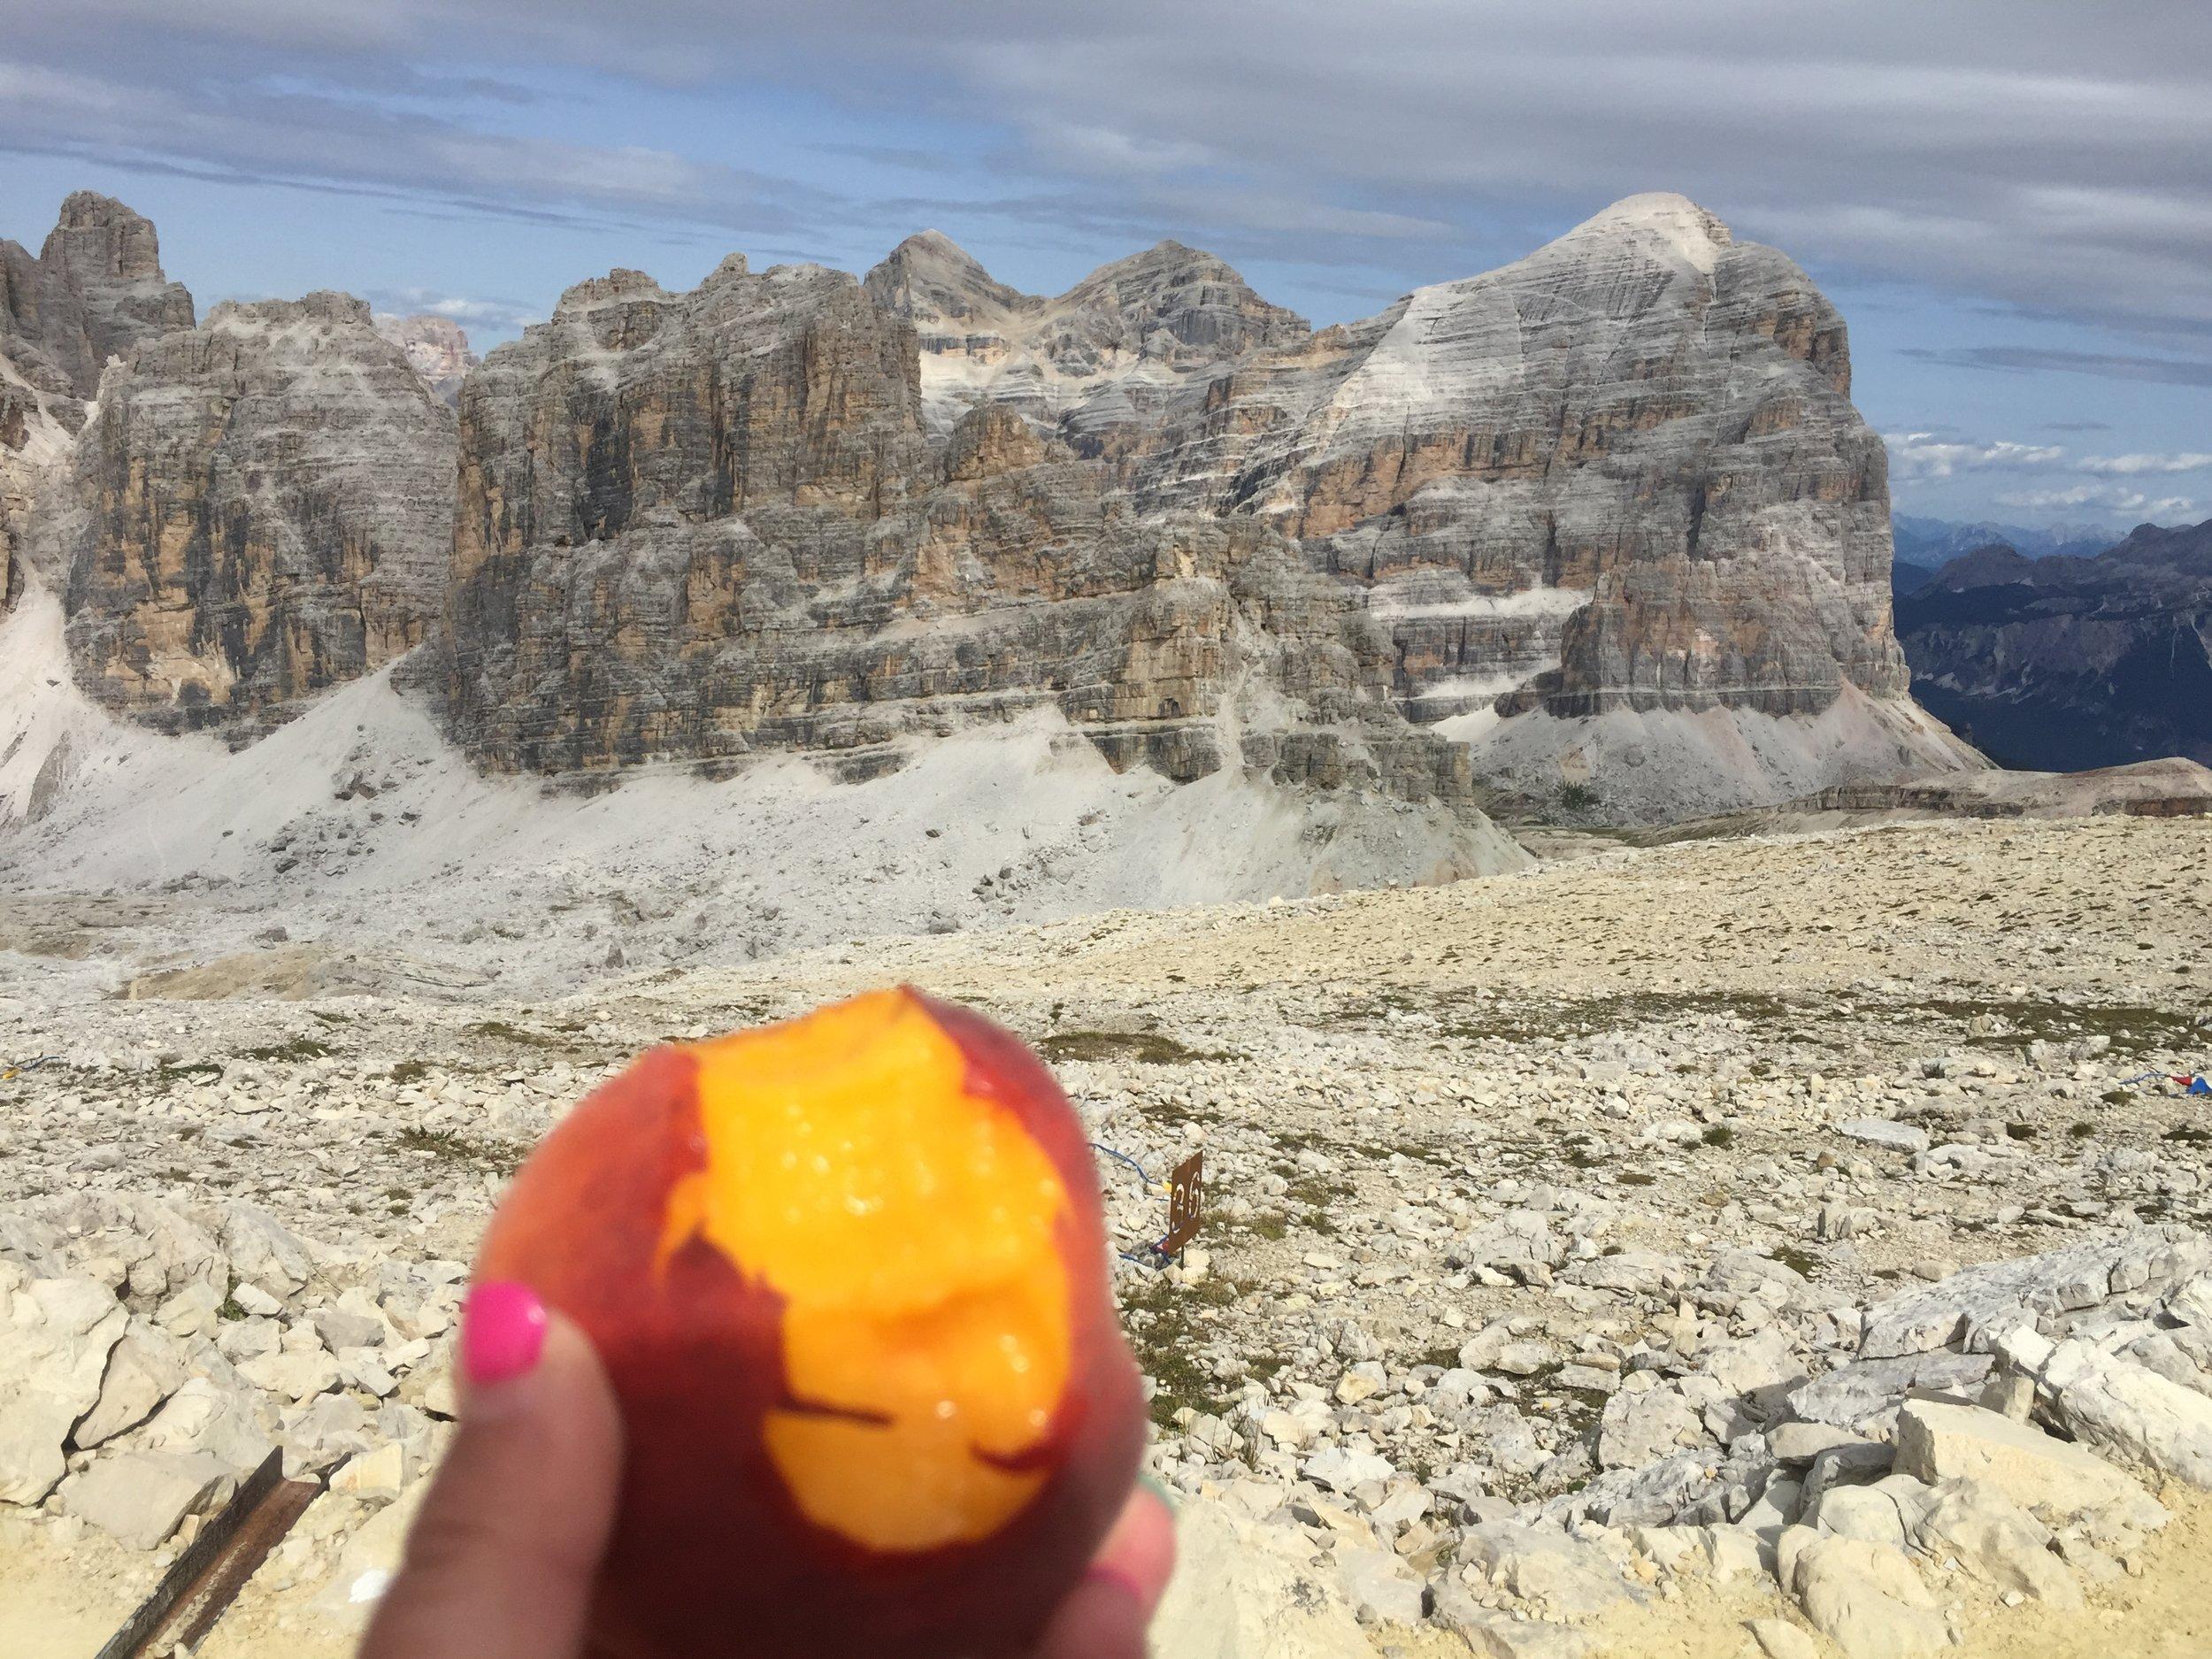 THE peach to end all peaches!